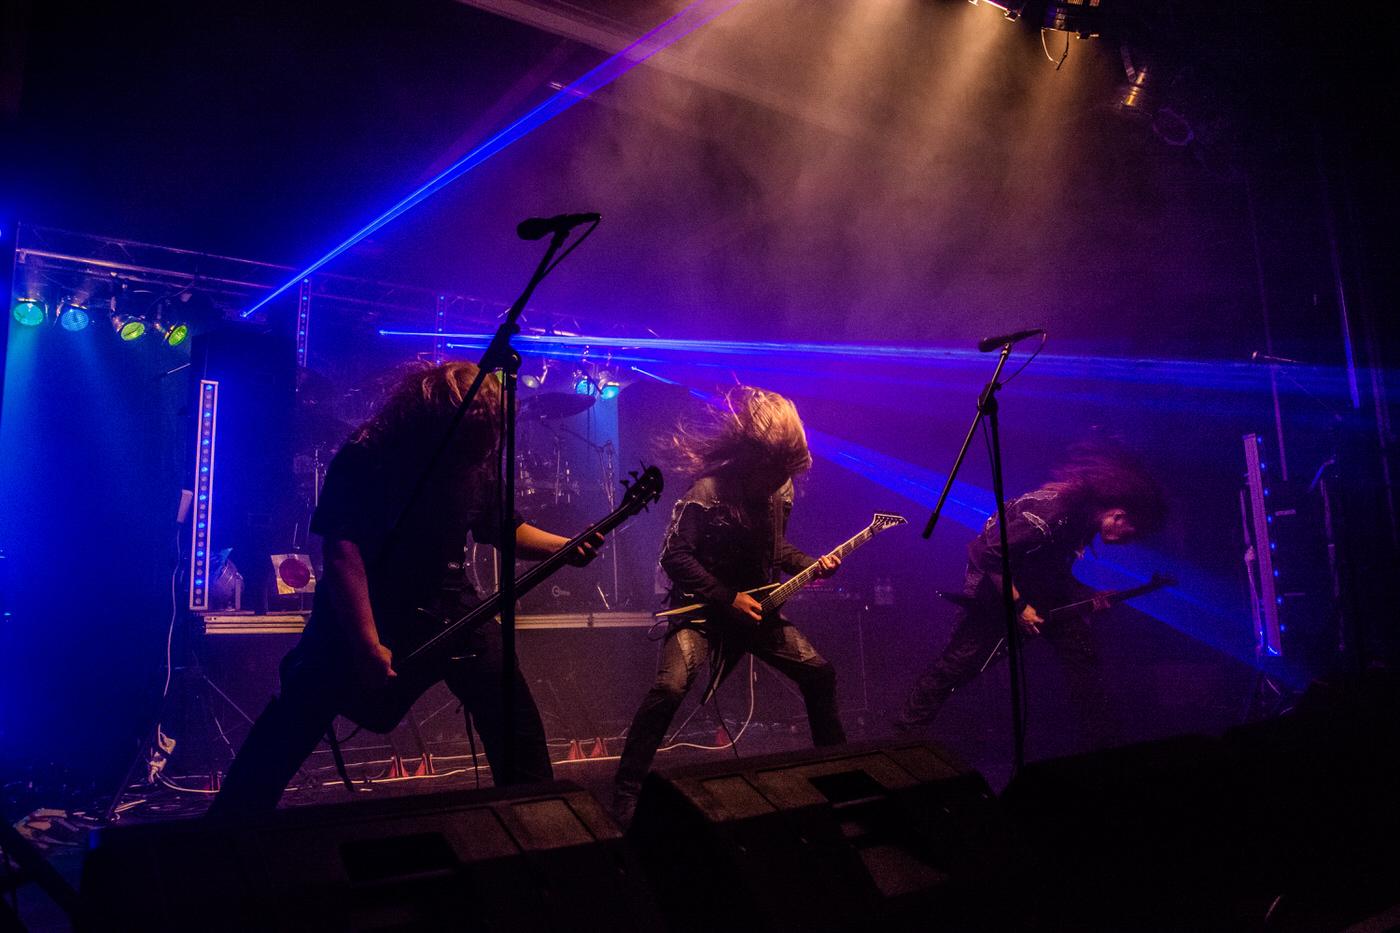 Northern Plague en concert à l'Arden' Metal Fest 9